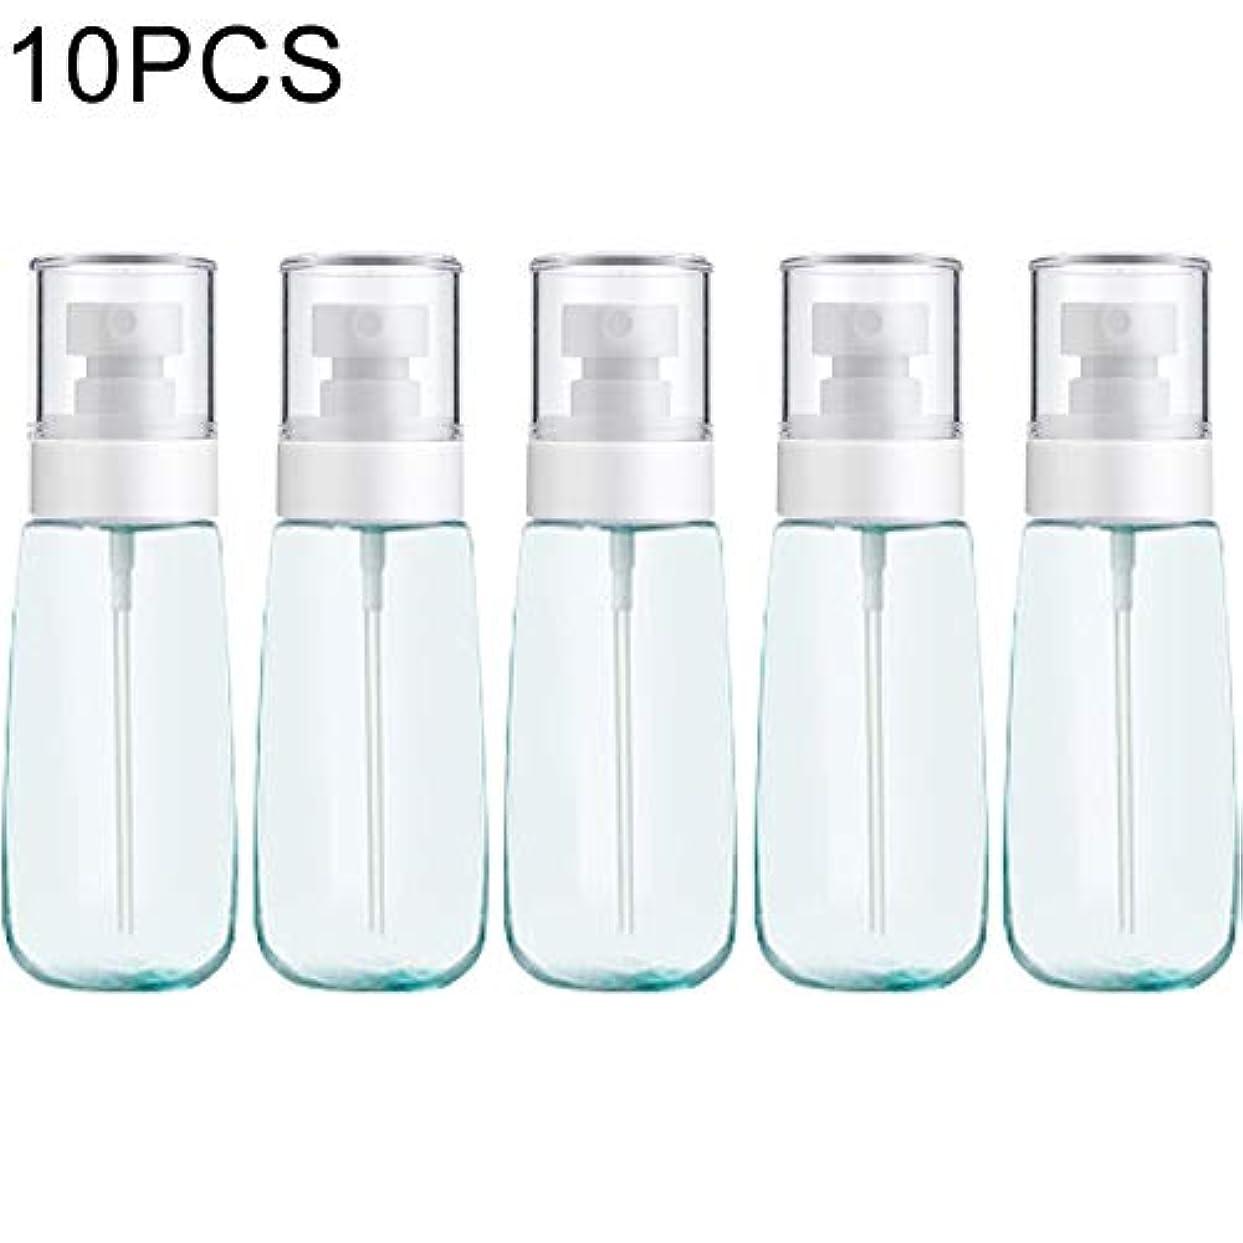 漏斗物足りないストレージMEI1JIA QUELLIA 10 PCSポータブル詰め替えプラスチックファインミスト香水スプレーボトル透明な空のスプレースプレーボトル、100ミリリットル(ピンク) (色 : Blue)